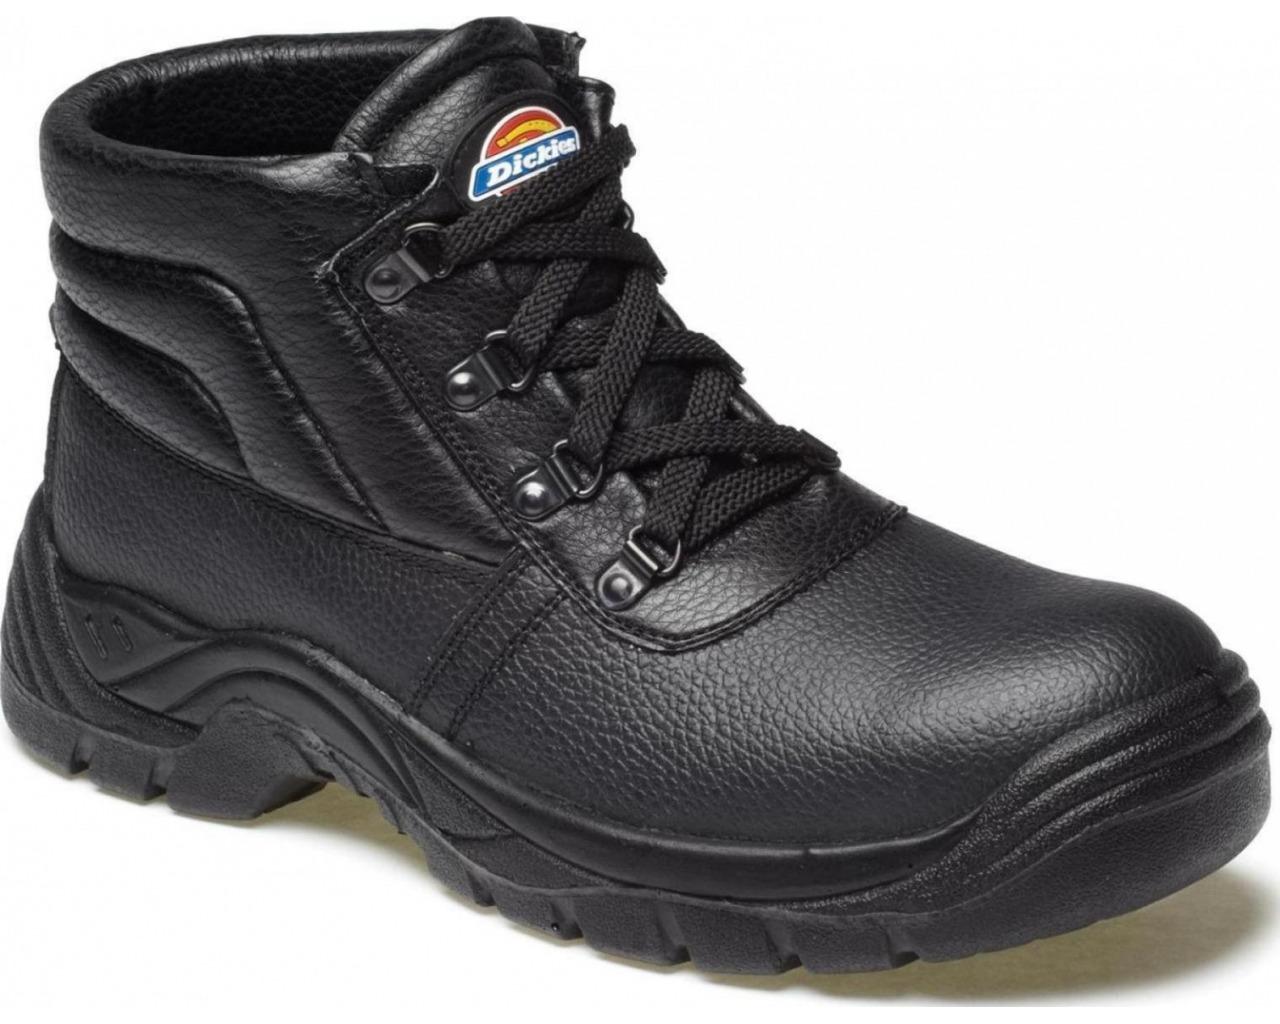 safety boots dickies redland safety chukka boot (sizes 3-14) - black ZDYJRHV